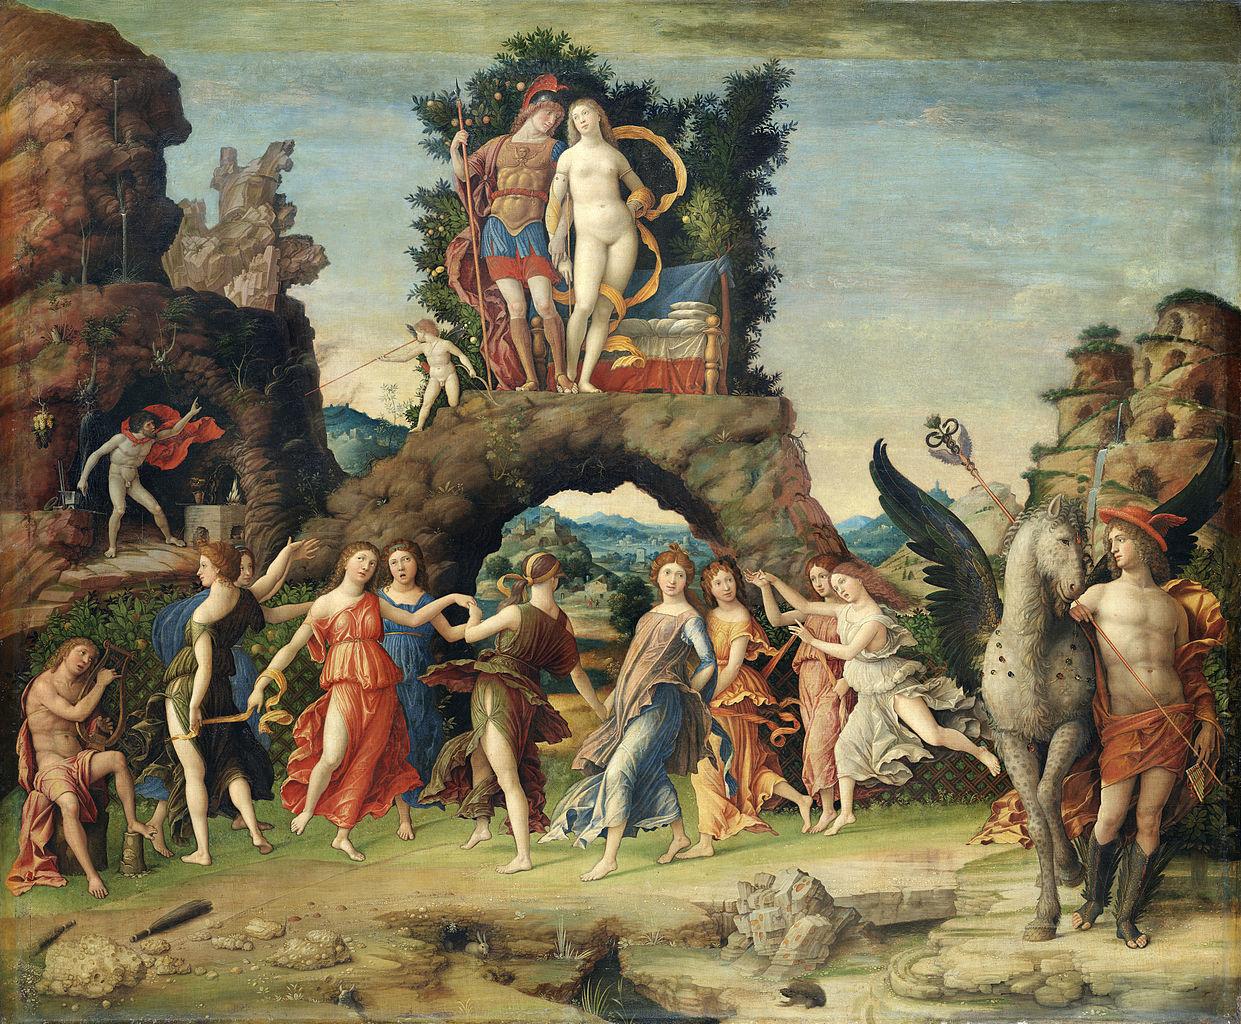 Andrea Mantegna, Le Parnasse, 1497, Musée du Louvre, Paris, commons.wikimedia.org